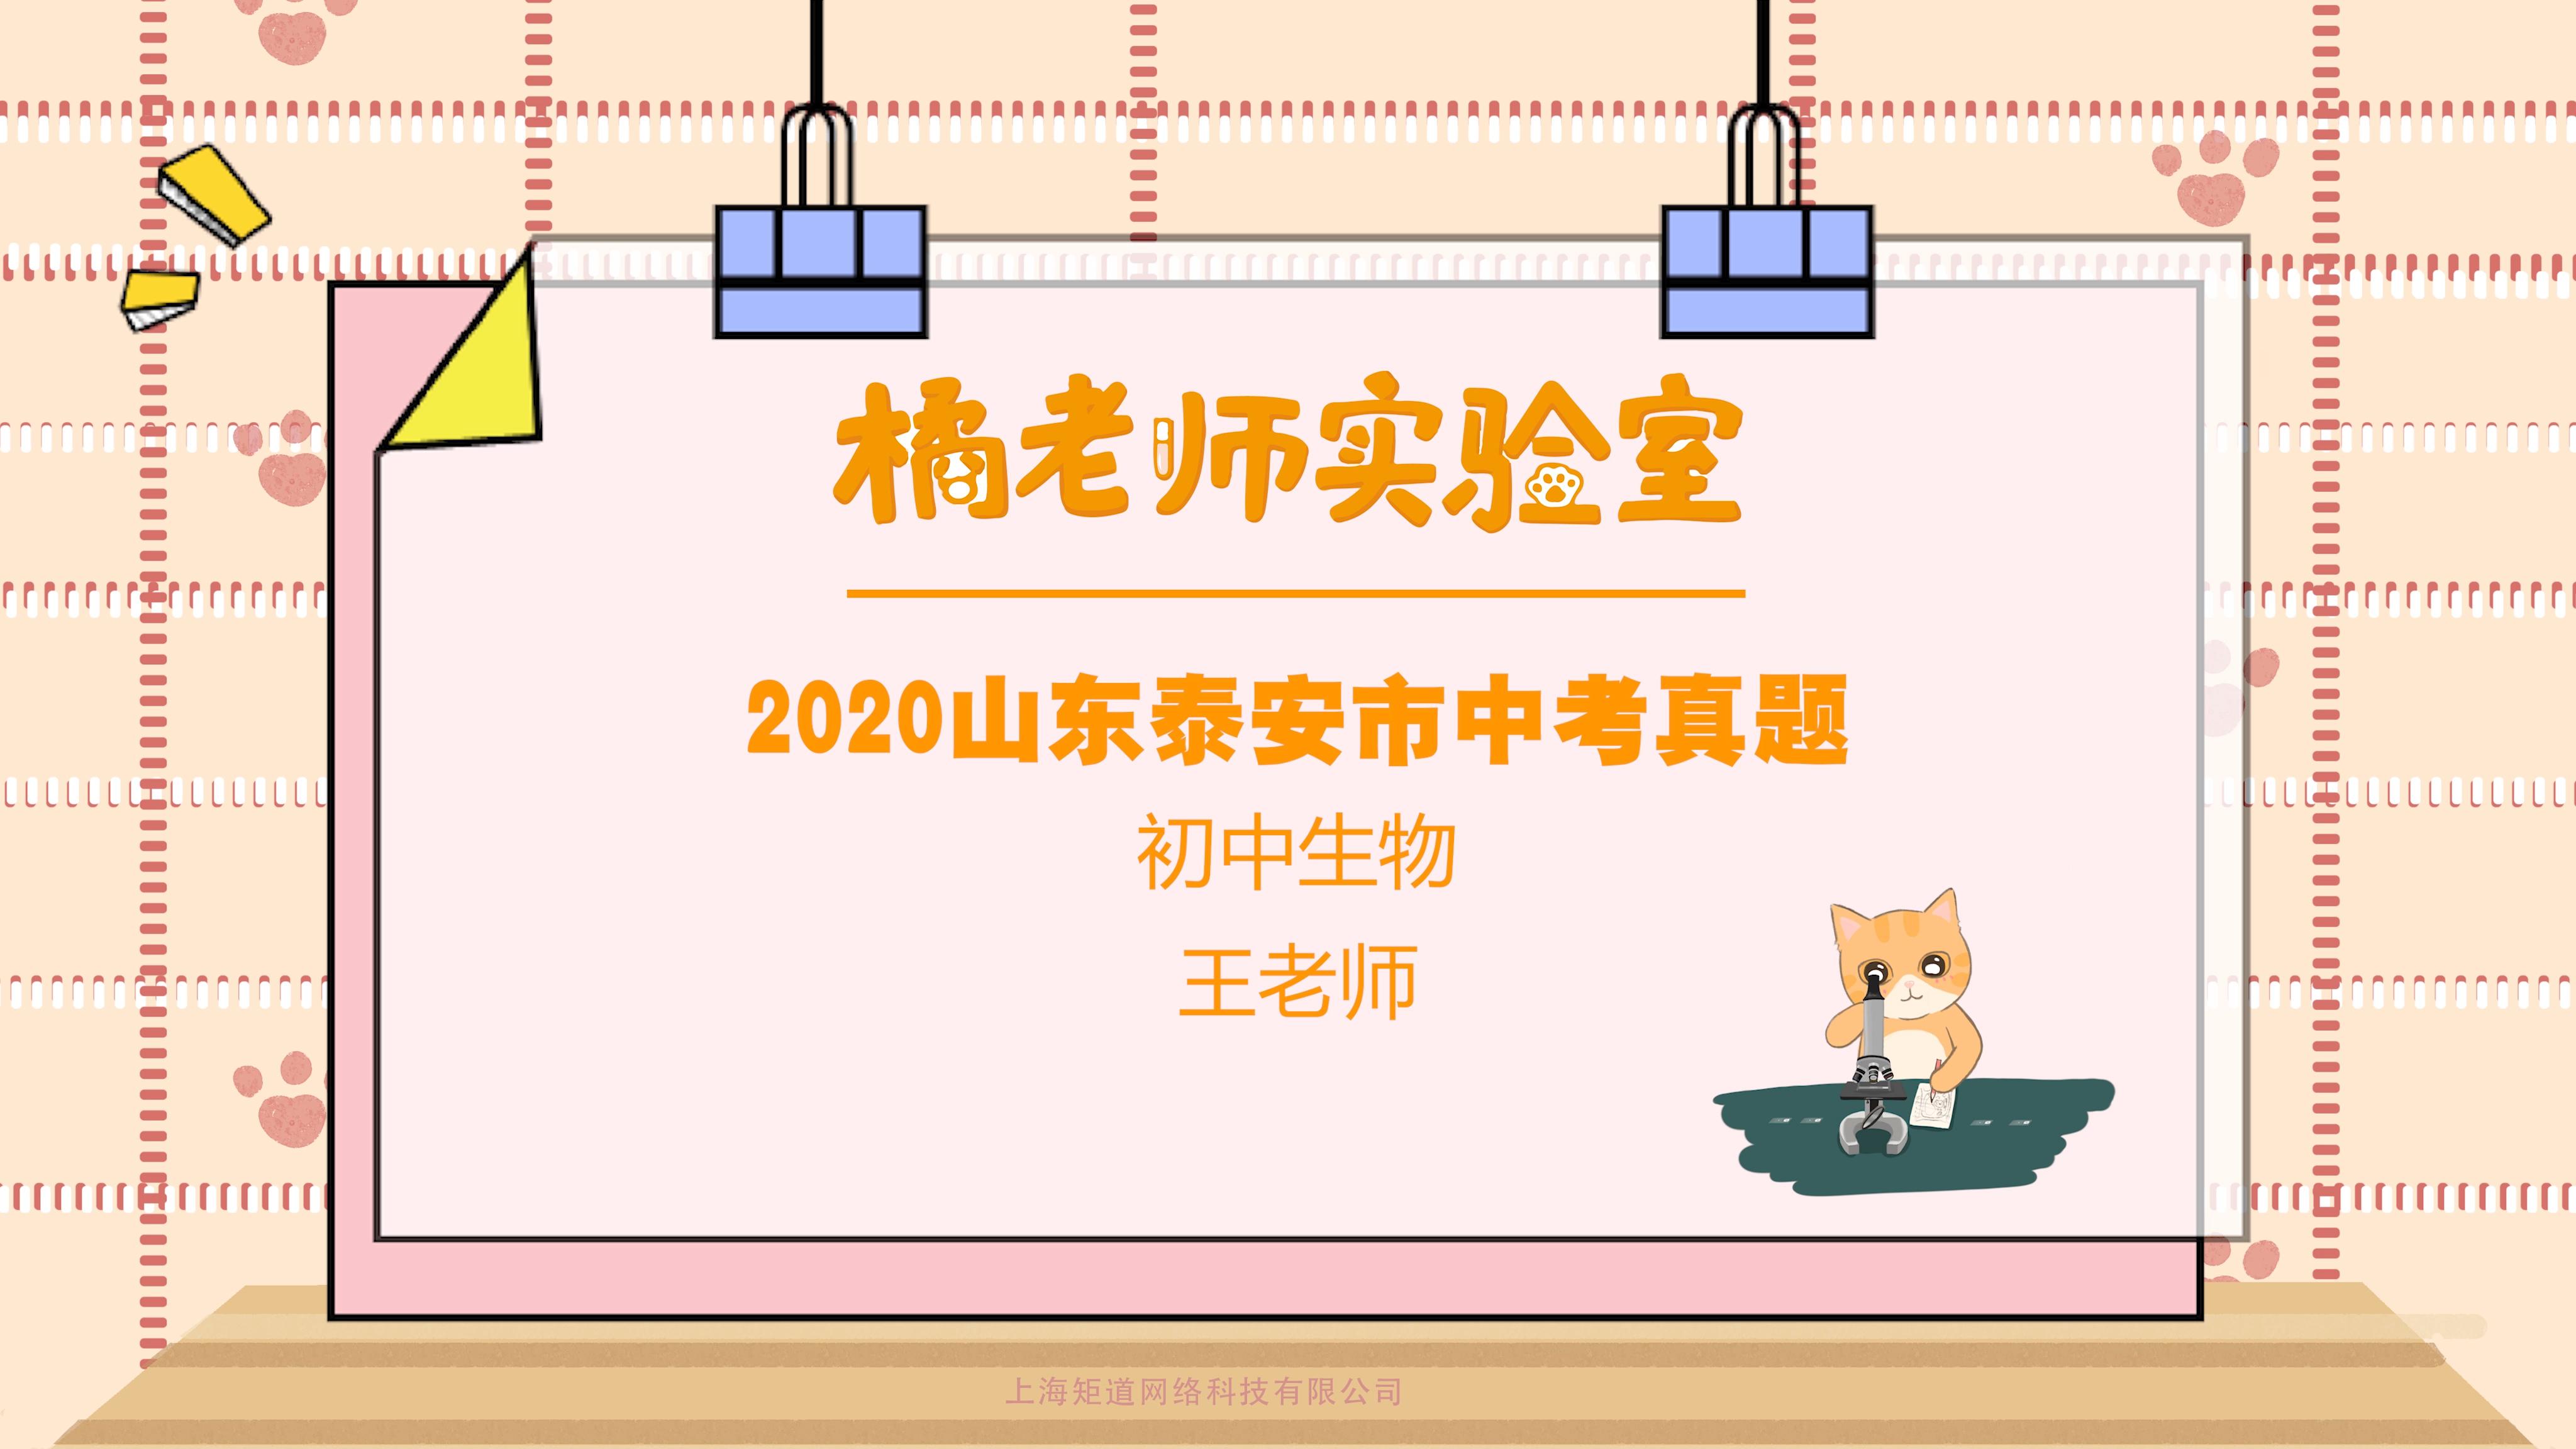 第一百七十六期:《2020山东泰安市中考真题》